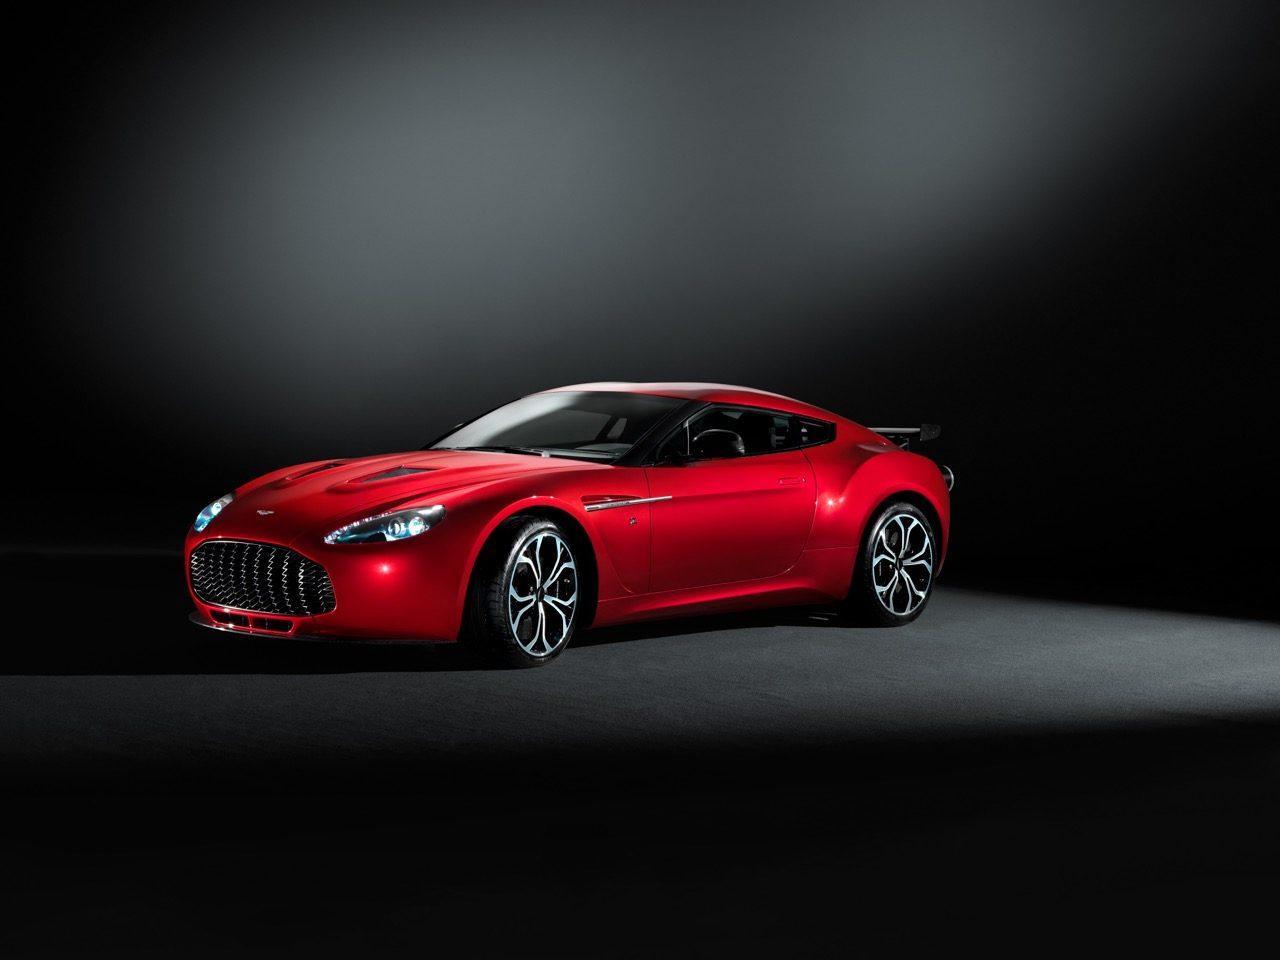 その額2億円越え。アストンマーティン・バンテージV12ザガートが発売へ/オートスポーツweb的、世界の自動車